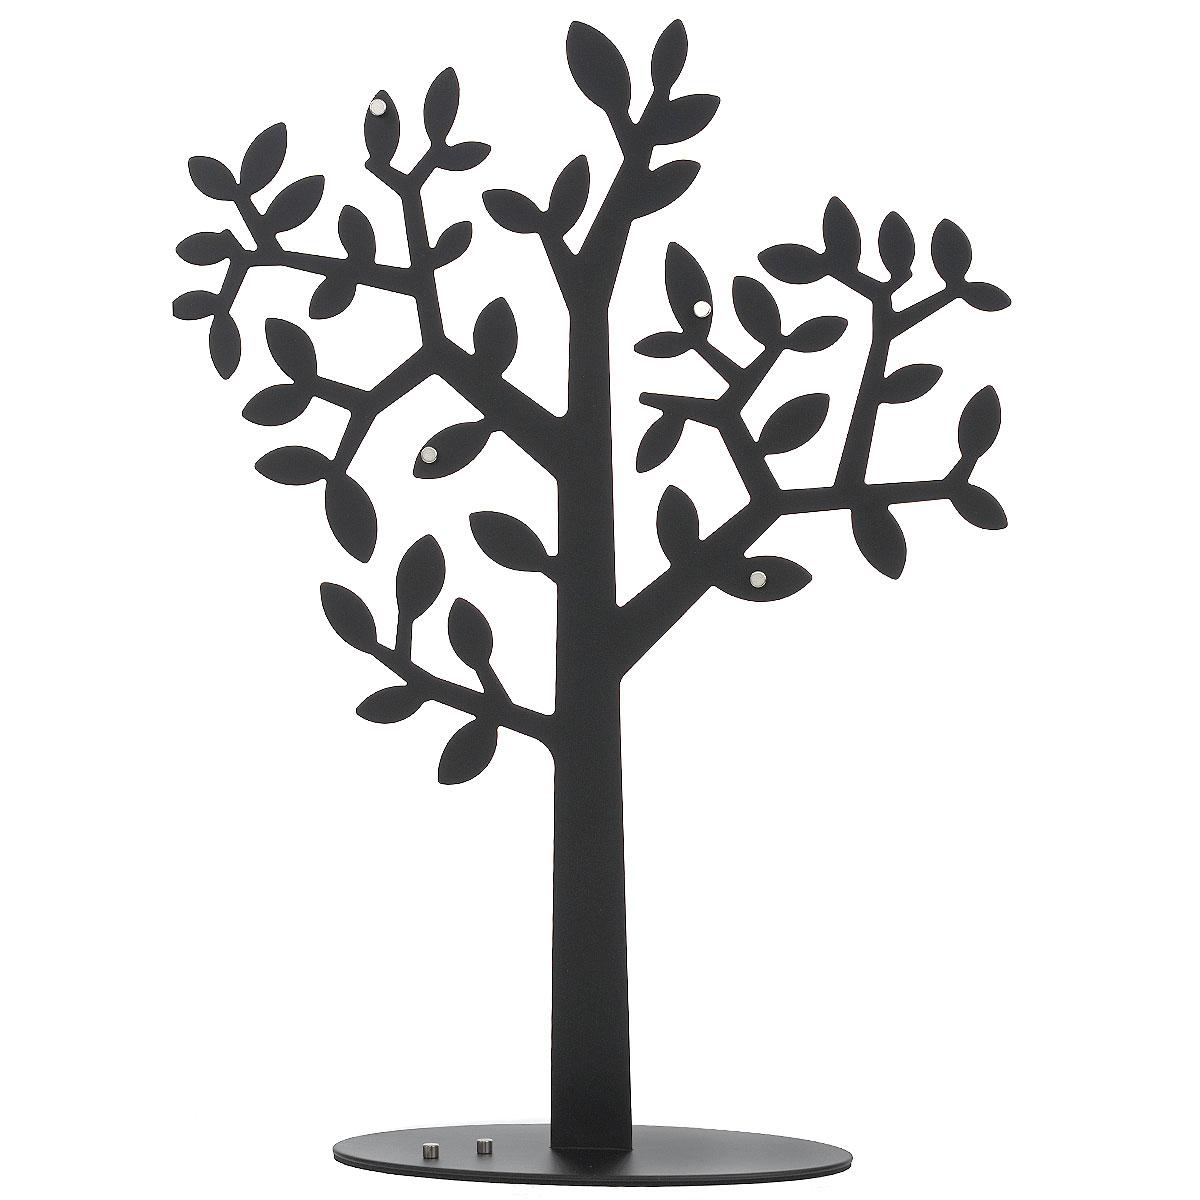 Держатель для фото Umbra Laurel, цвет: черный. 306600-040306600-040Держатель для фото Umbra Laurel станет не только прекрасным декоративным украшением стола, но и послужит функционально: поместите в держатель вашу любимую фотографию, и она будет радовать вас каждый день, напоминая о приятных мгновениях. Держатель выполнен из металла в виде дерева. Такой сувенир, несомненно, доставит море положительных эмоций своему обладателю.